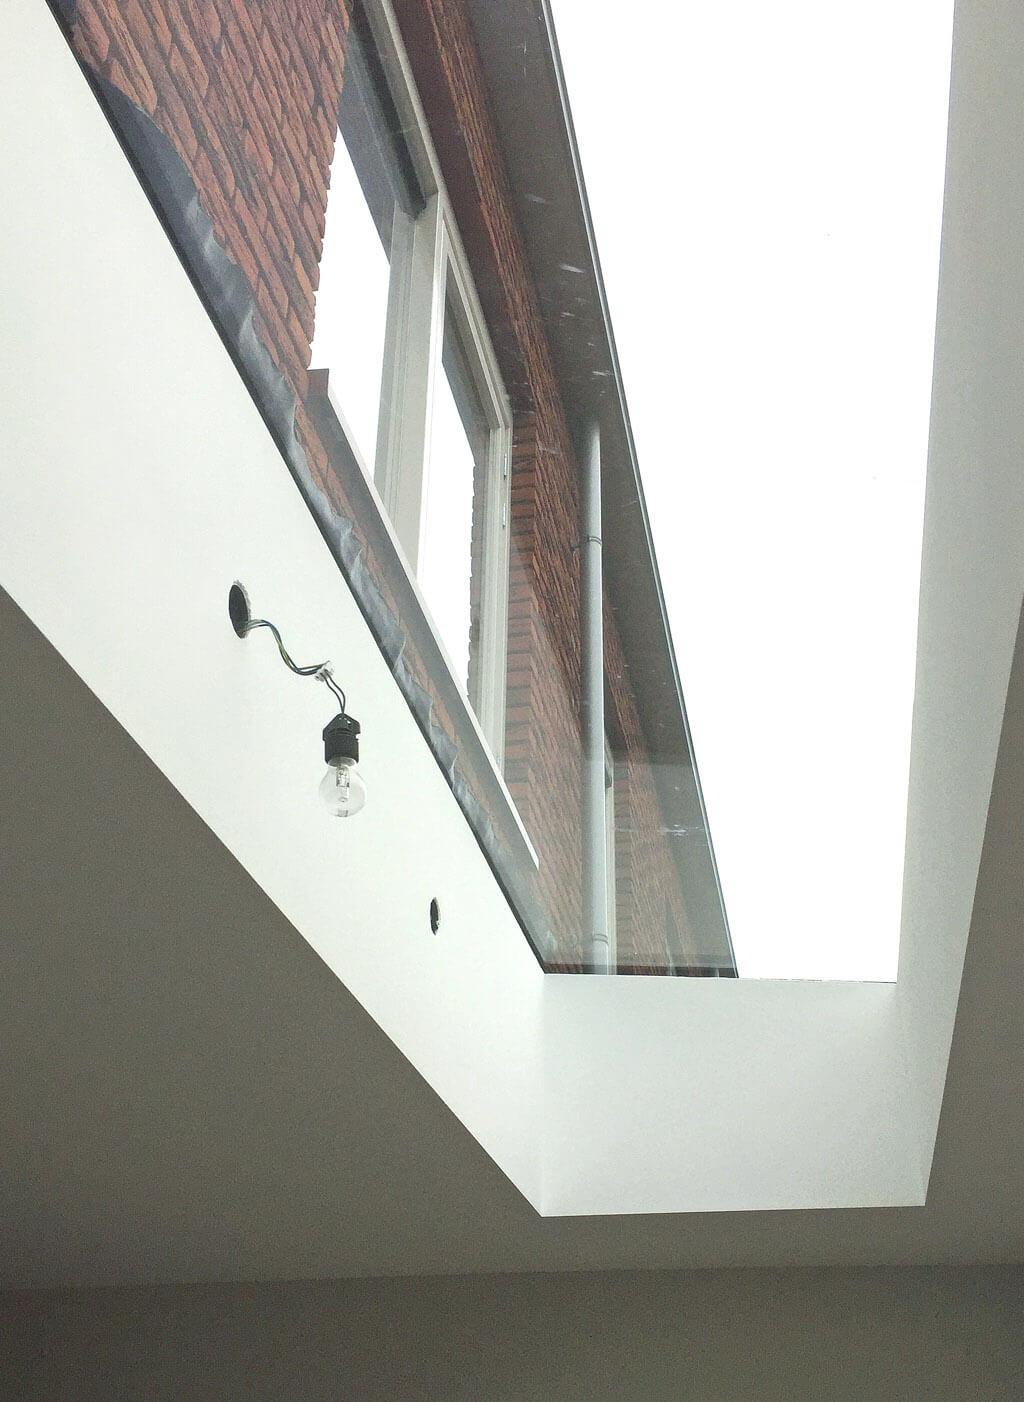 Efter installationen är ramen ordentligt täckt genom det inre arbetet, så att endast glaset förblir synlig: Sky Only View.